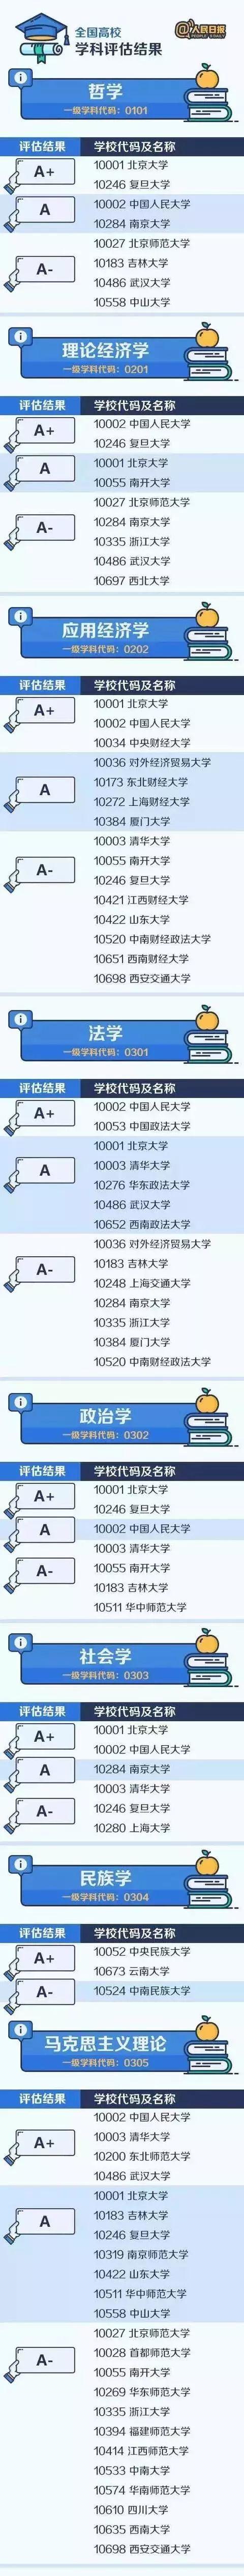 权威!人民日报整理了中国大学最顶尖的学科名单